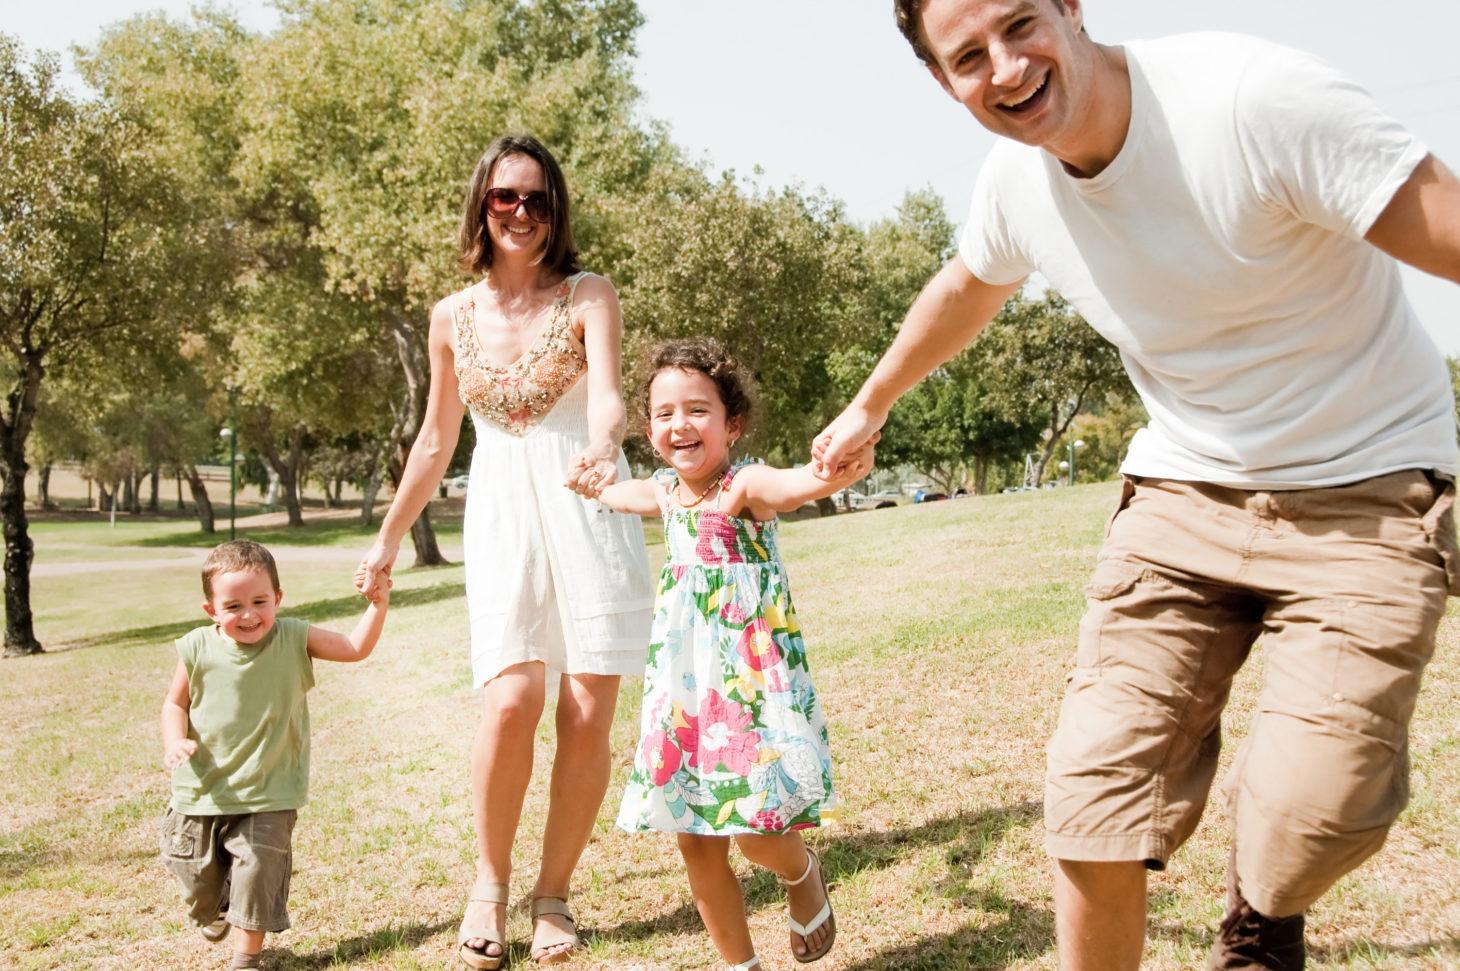 Na zdjęciu widać uśmiechniętą rodzinę